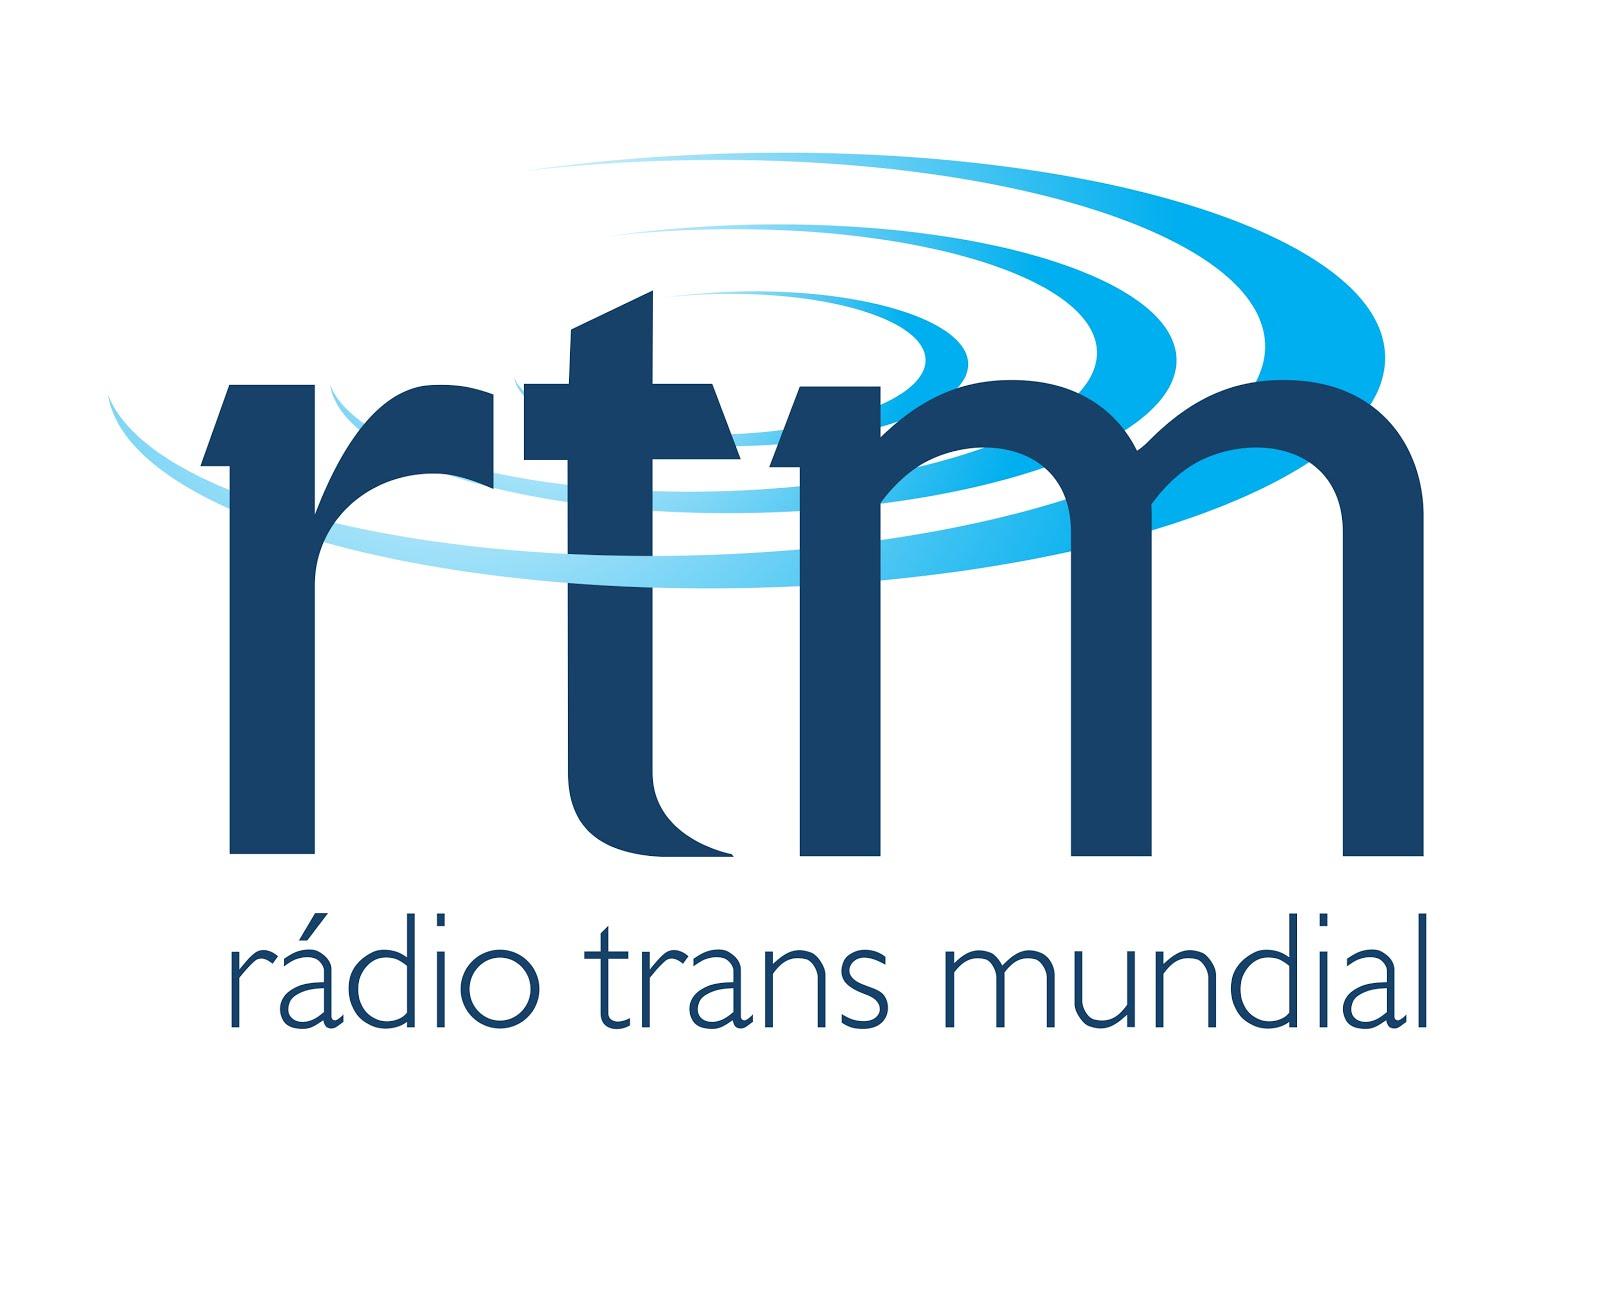 Ouça a Rádio Trans Mundial do Brasil!